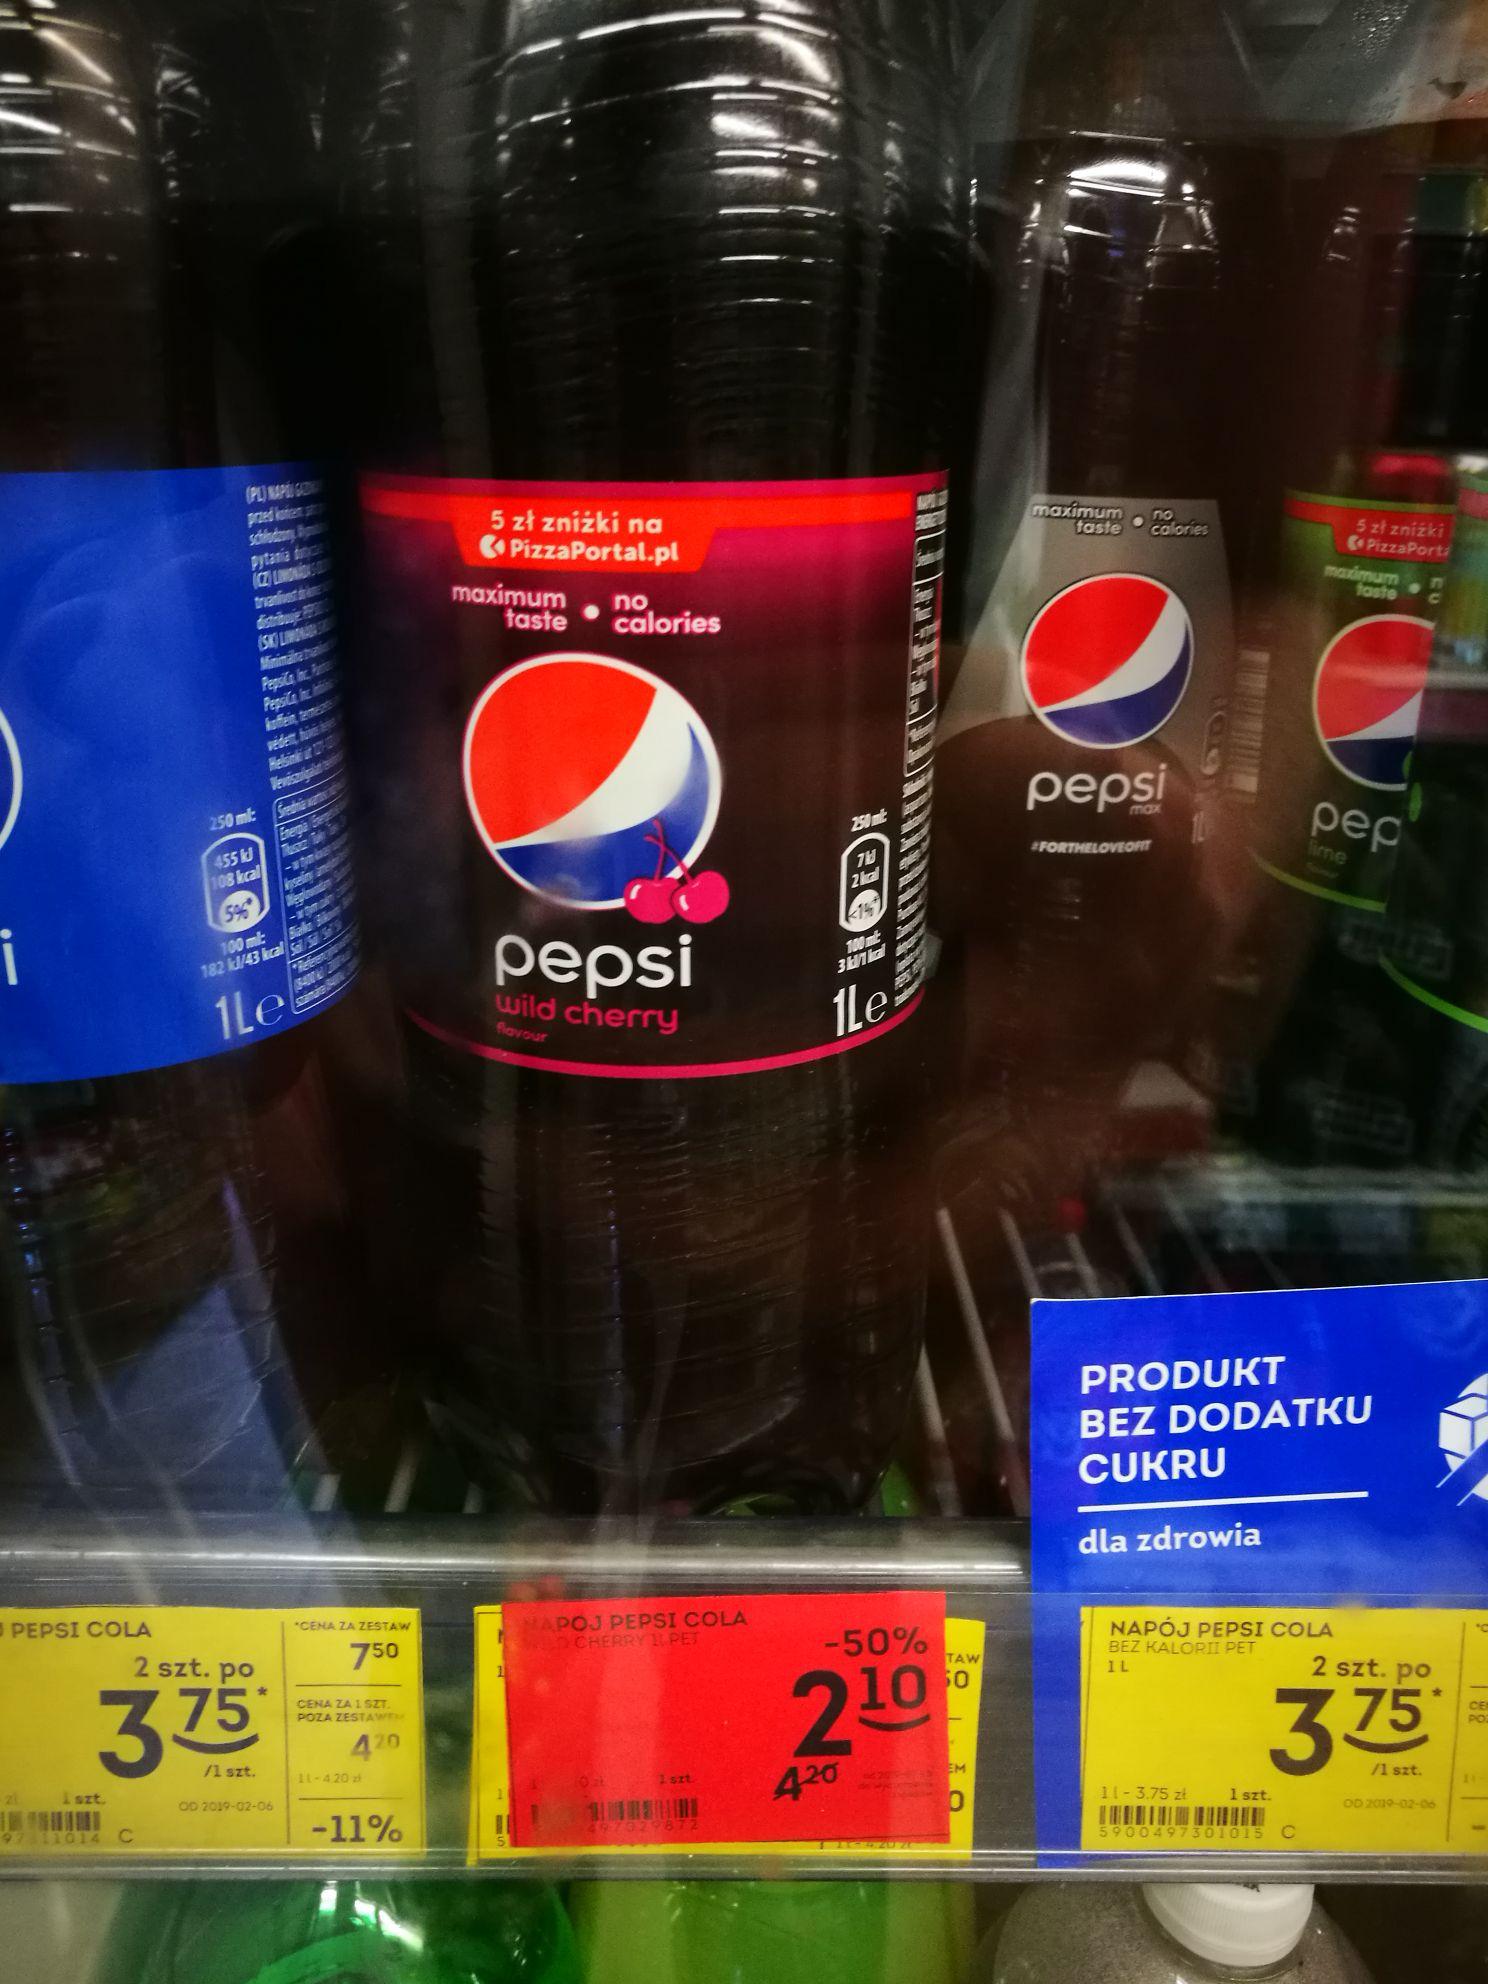 Żabka Wrocław Grota Roweckiego Pepsi Wild Cherry 1L -50% + wiele innych produktów w promocji